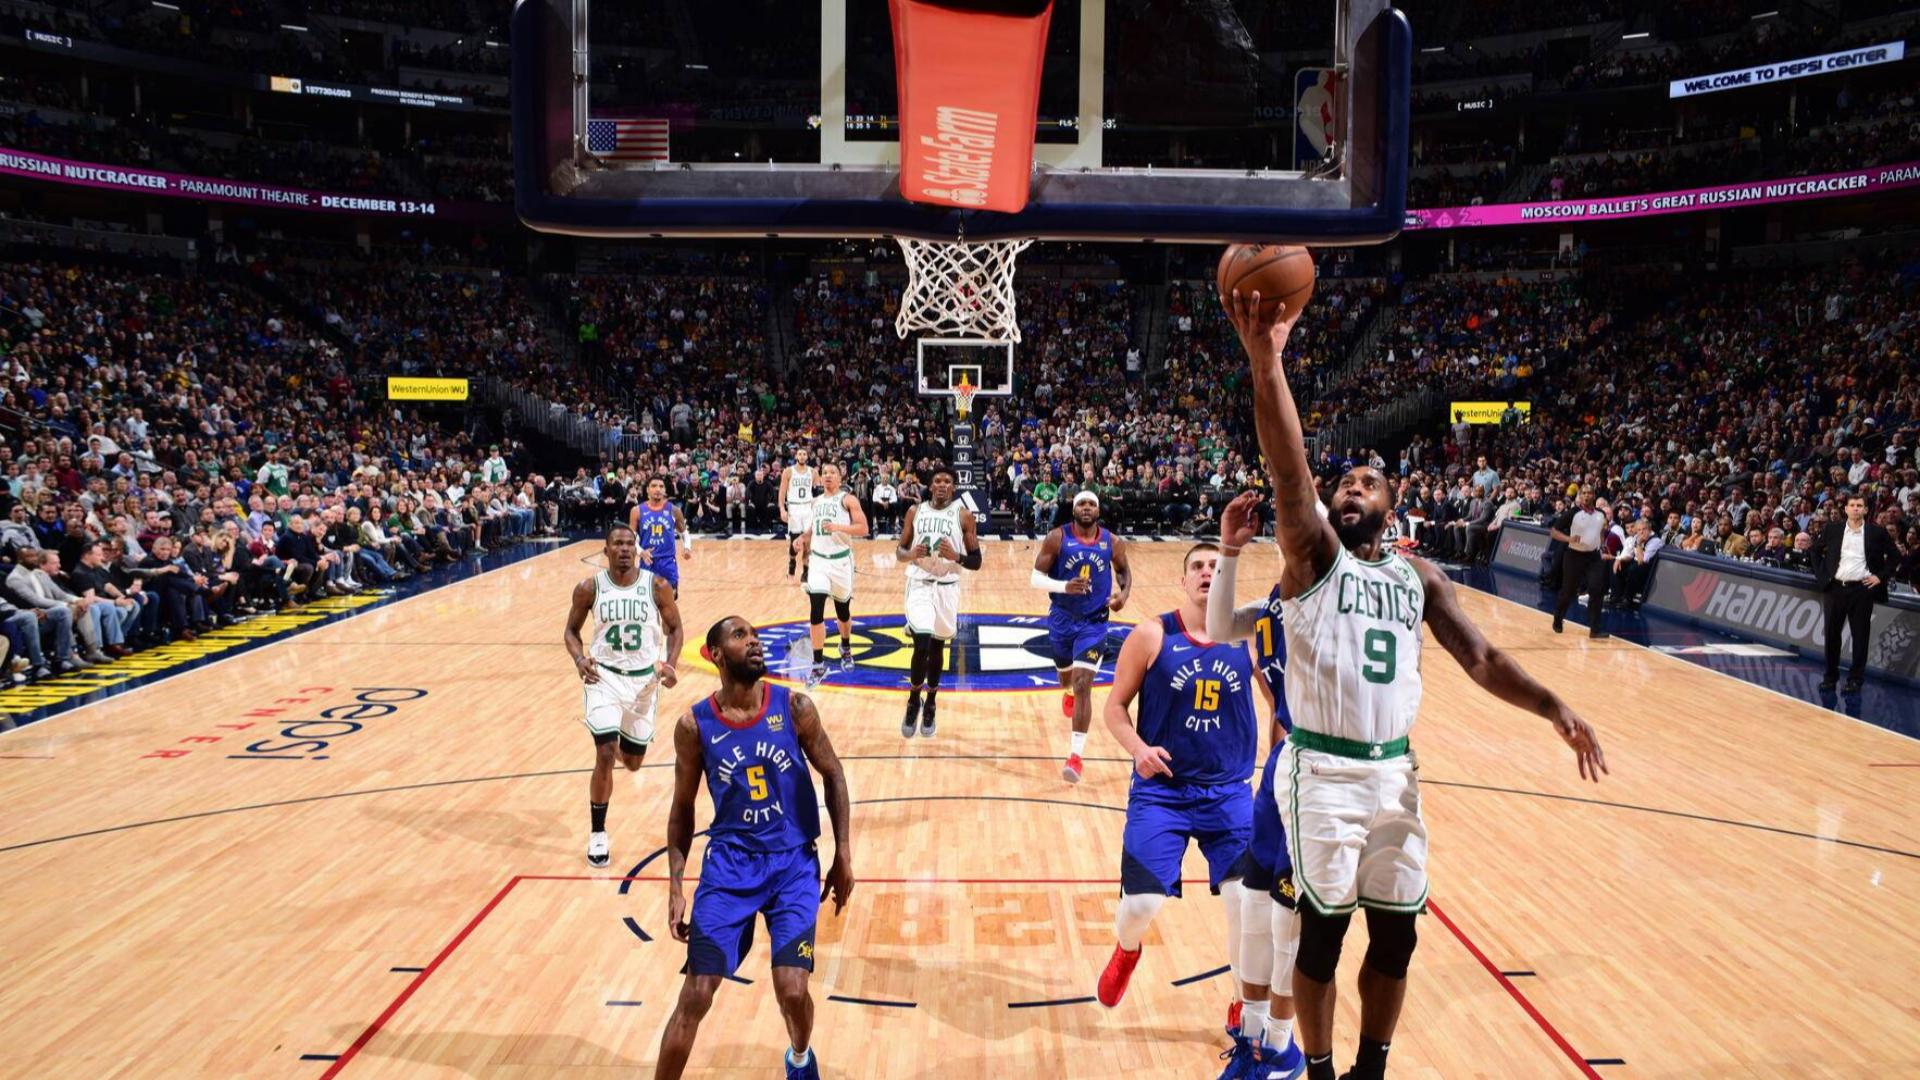 2019-2020 NBA常规赛 丹佛掘金 VS 波士顿凯尔特人 集锦Part1